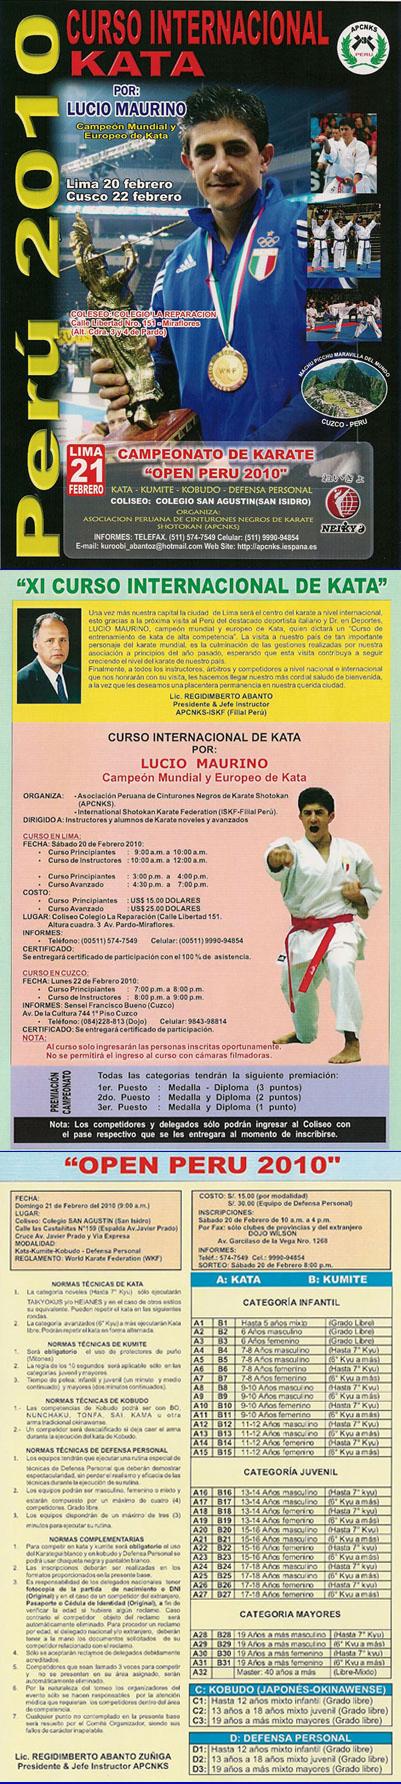 CURSO INTERNACIONAL DE KATA Y CAMPEONATO DE KARATE OPEN PERU 2010